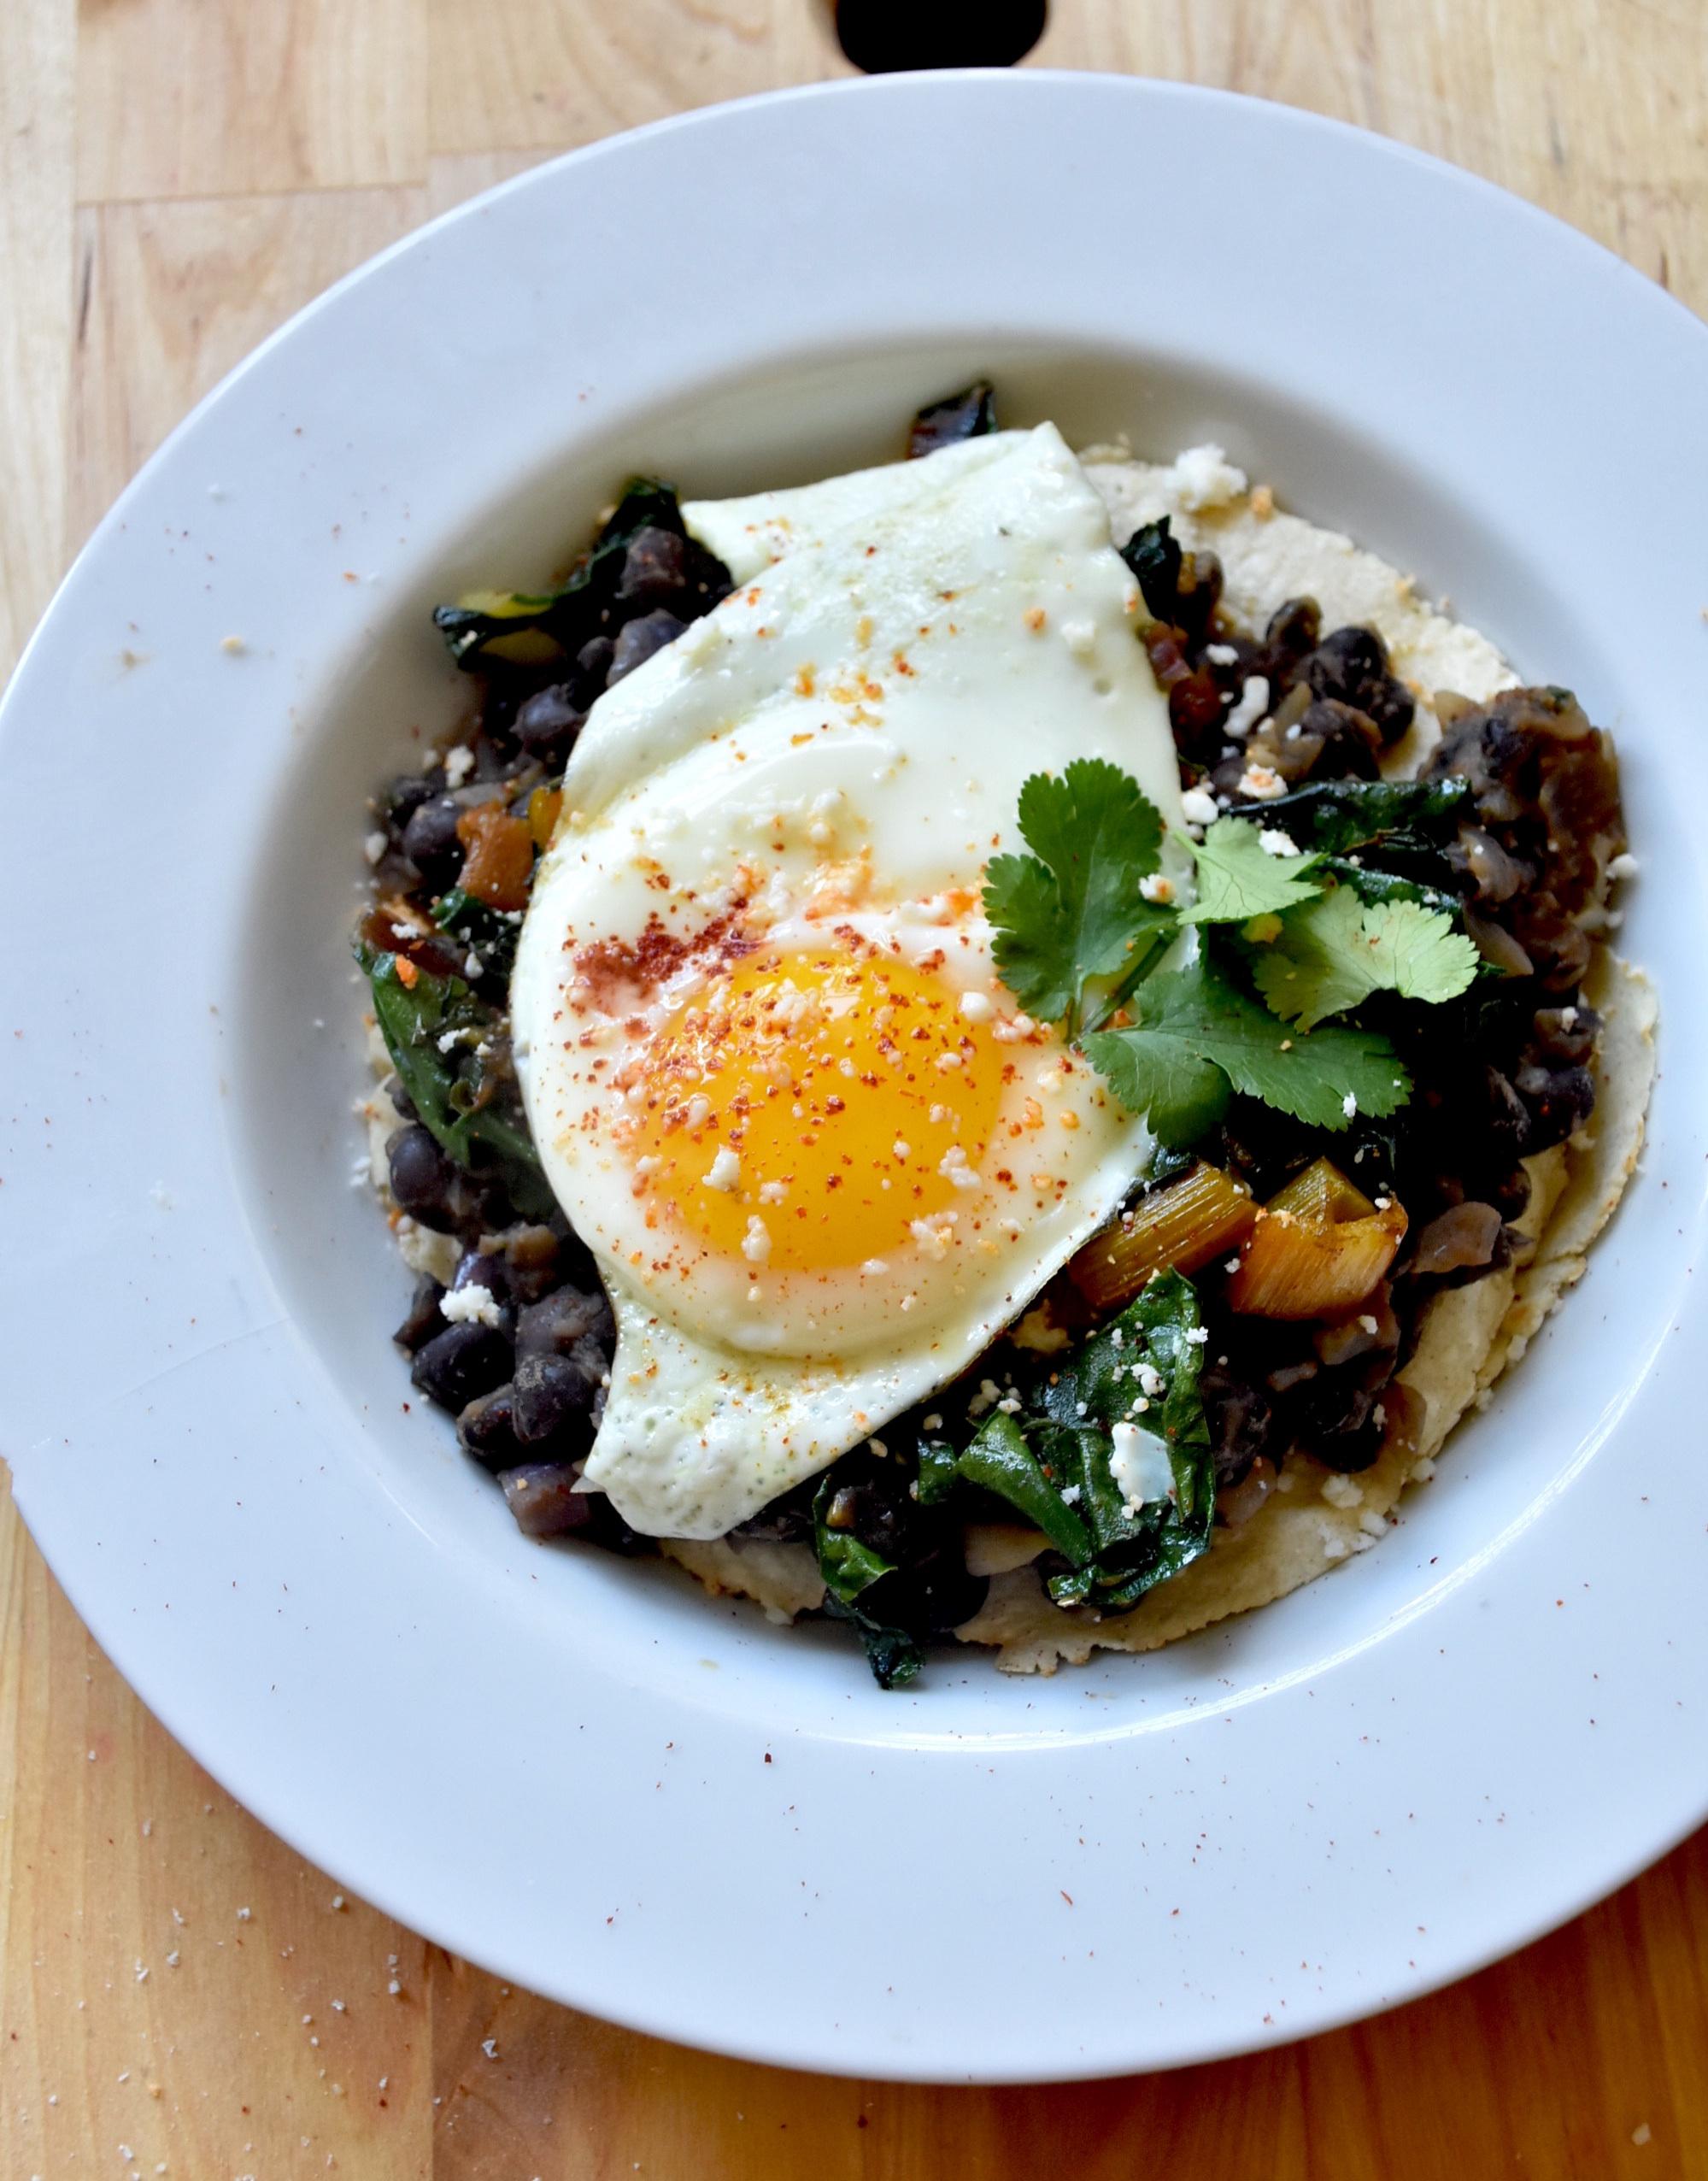 Huevos Rancheros - Breakfast bliss has arrived.